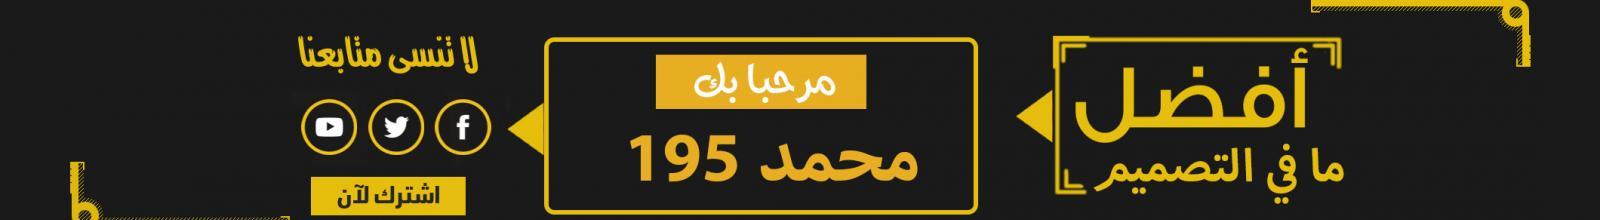 Mohamed195